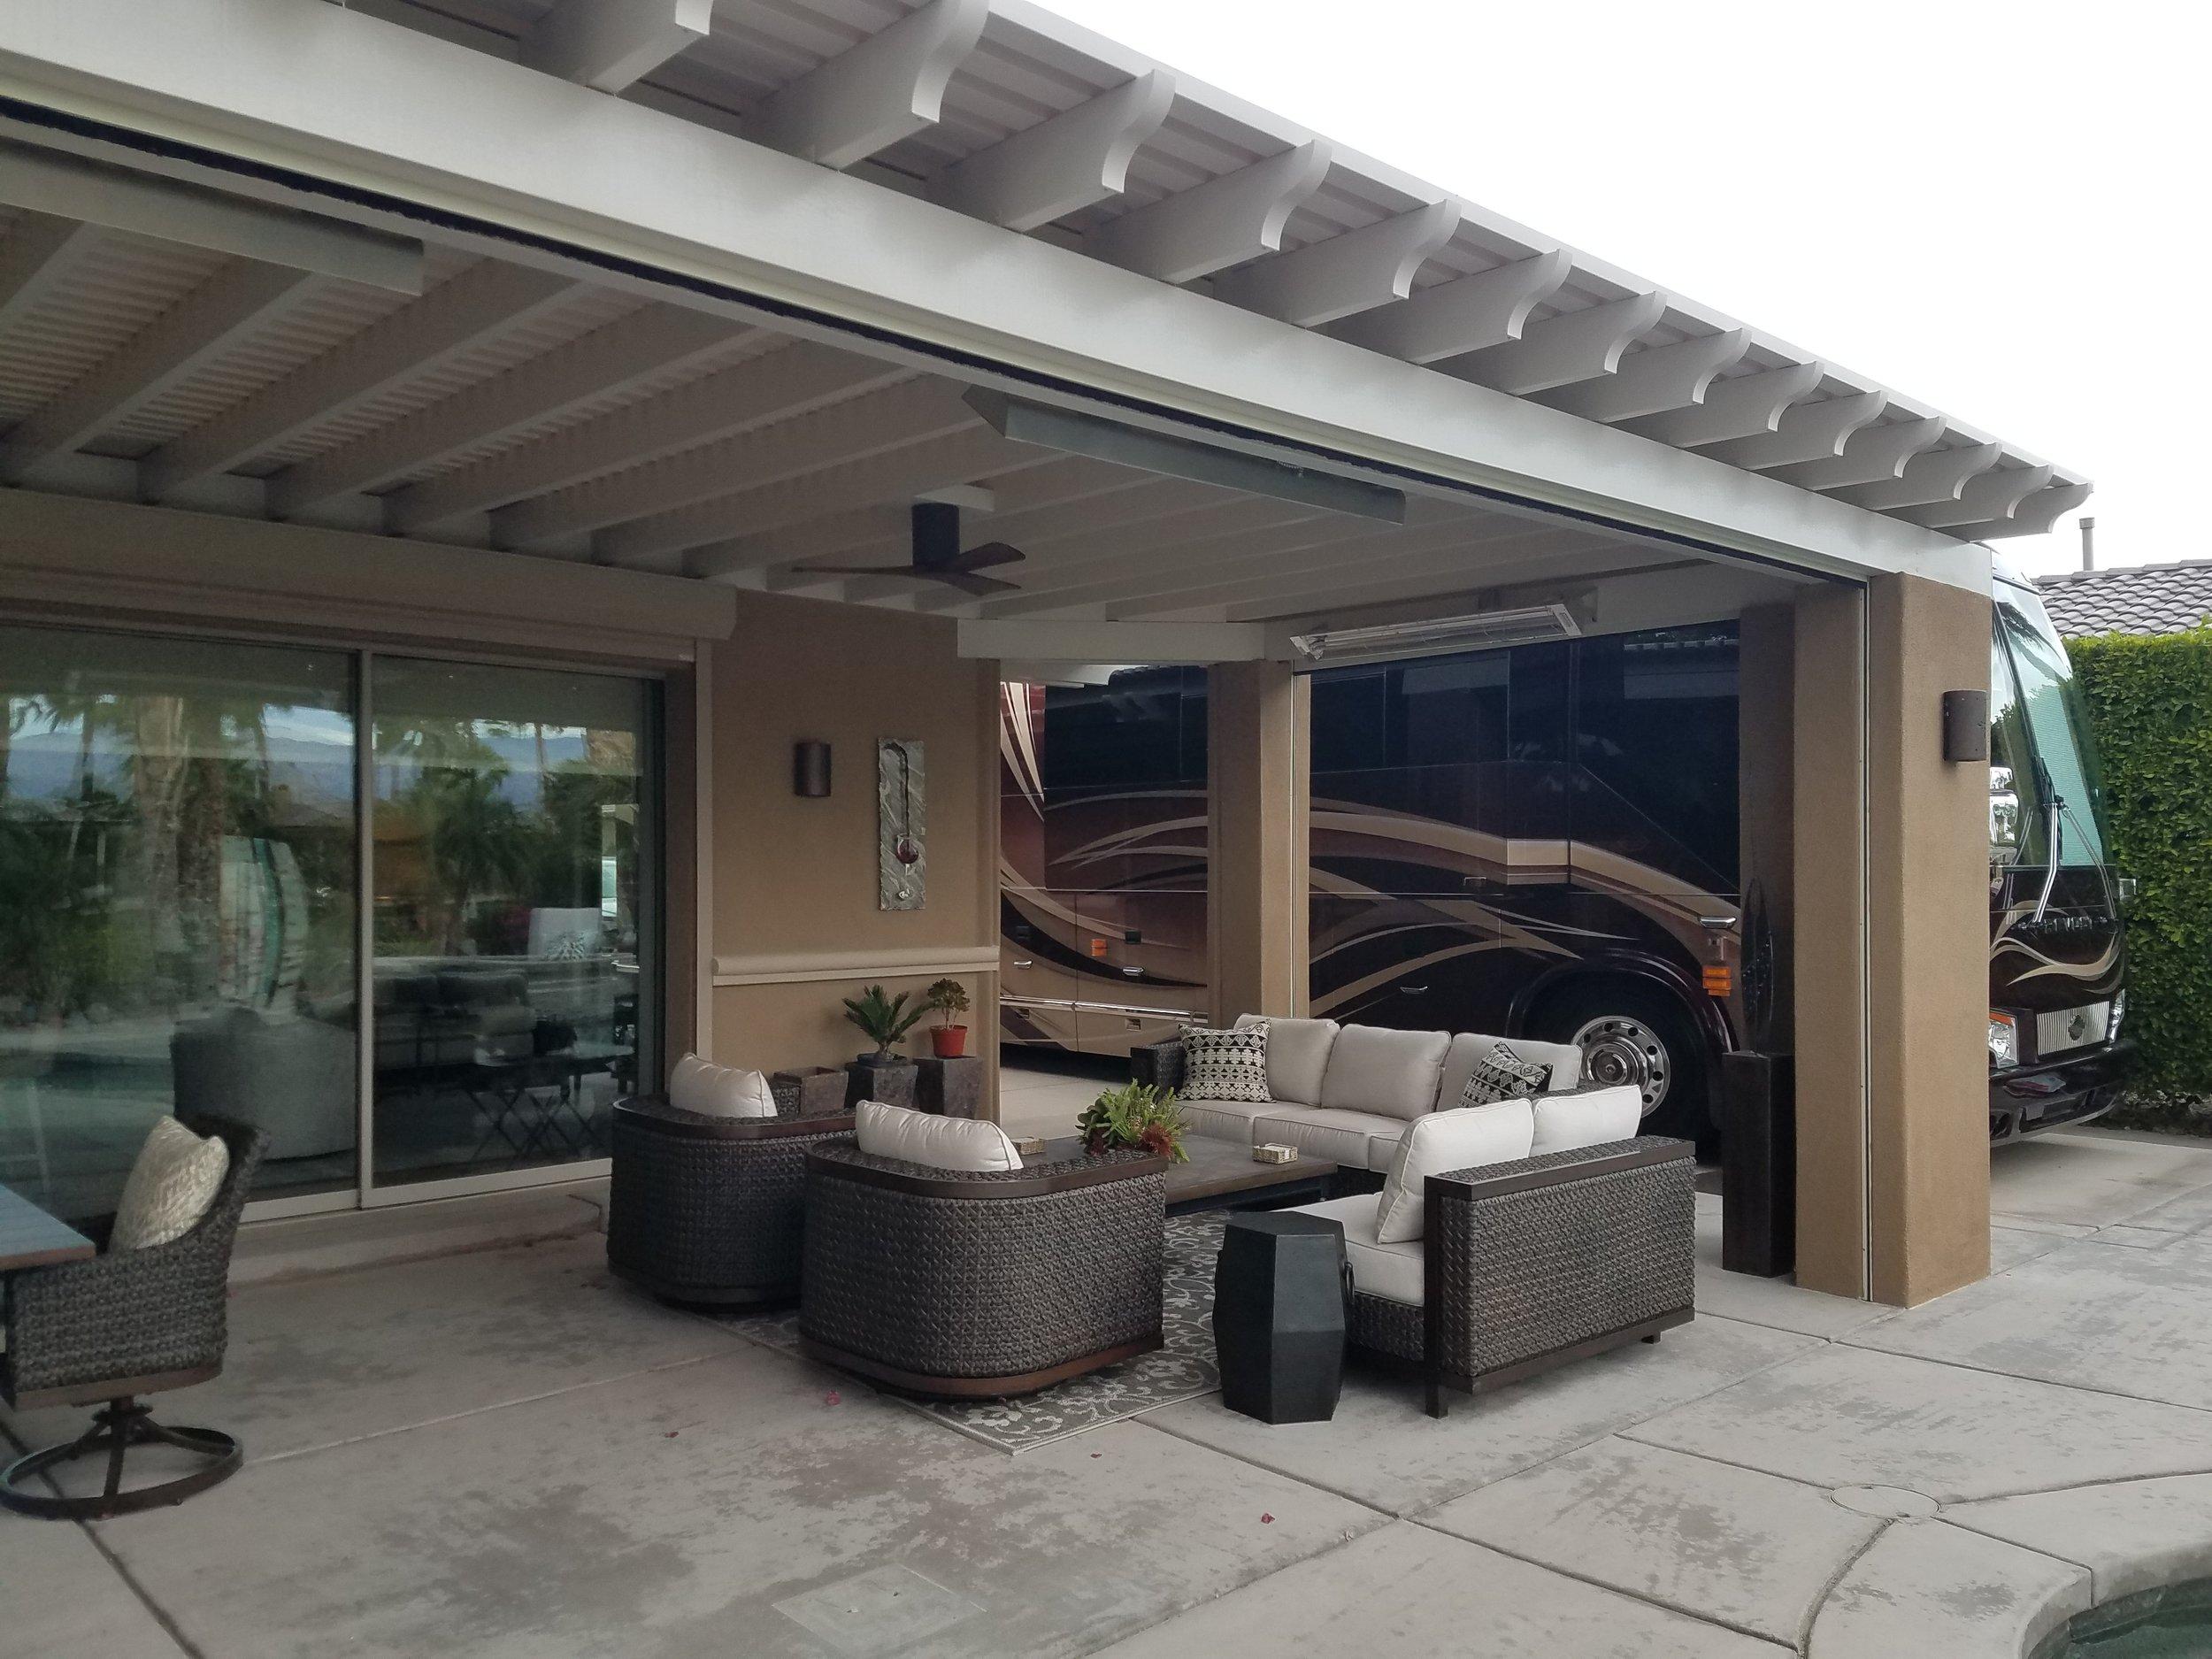 Yucaipa Lattice patio cover with a Sunbrella fabric cover